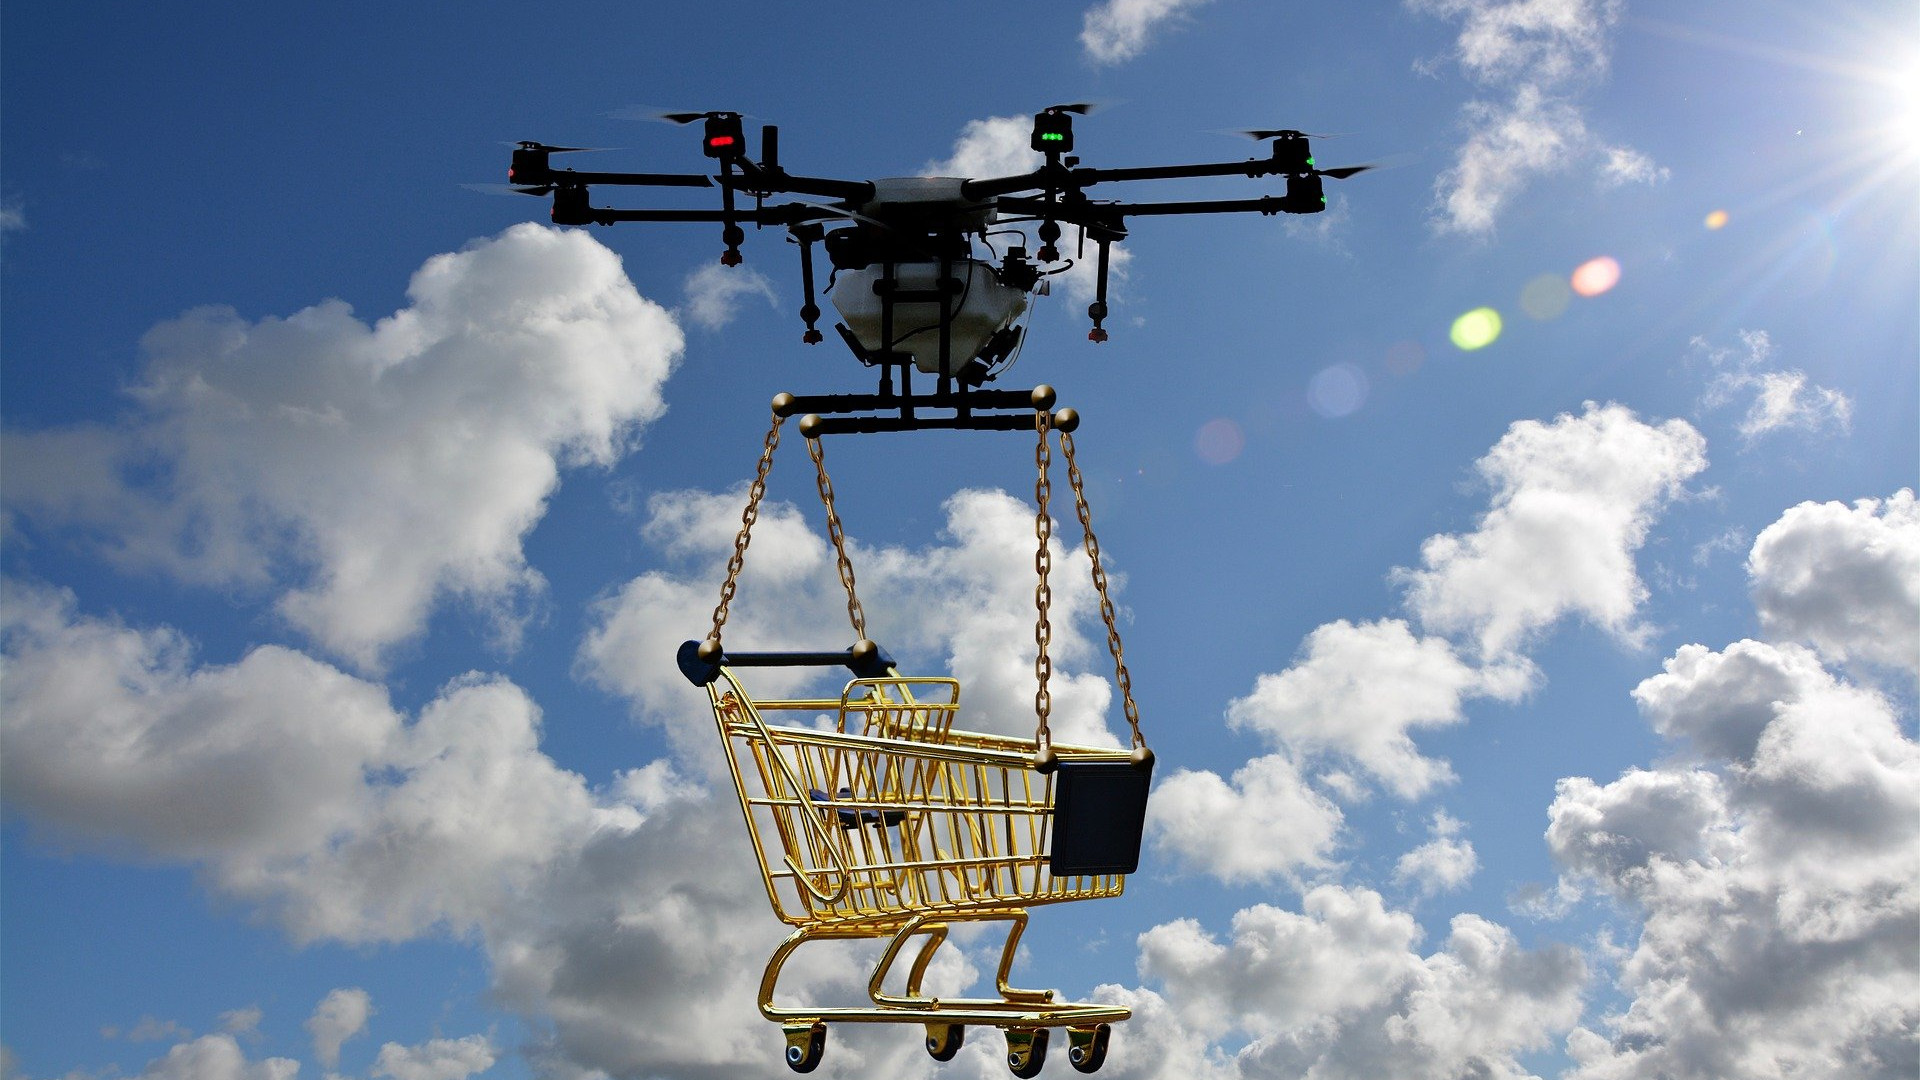 Tulevaisuudessa droneja voidaan mahdollisesti käyttää ostoksien kotiinkuljettamisen lisäksi myös rakennustyömailla materiaalien kuljetukseen